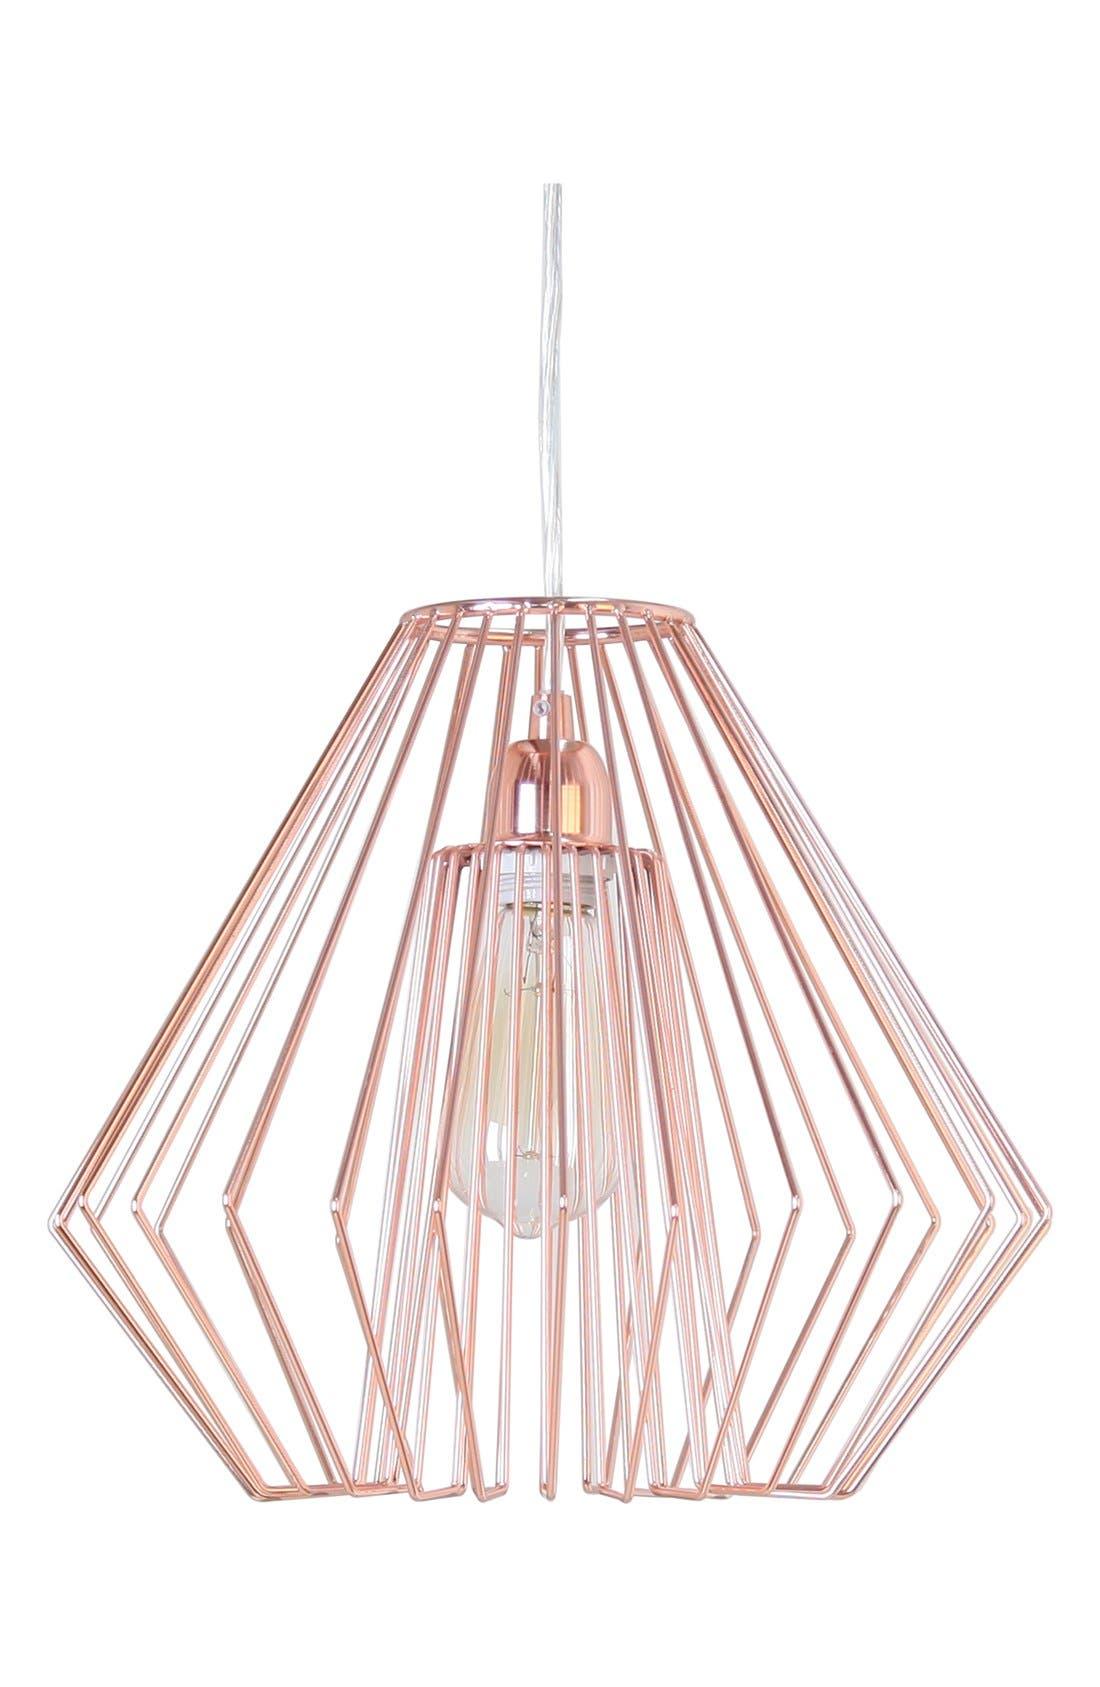 Metallic Hanging Lamp,                         Main,                         color, 220